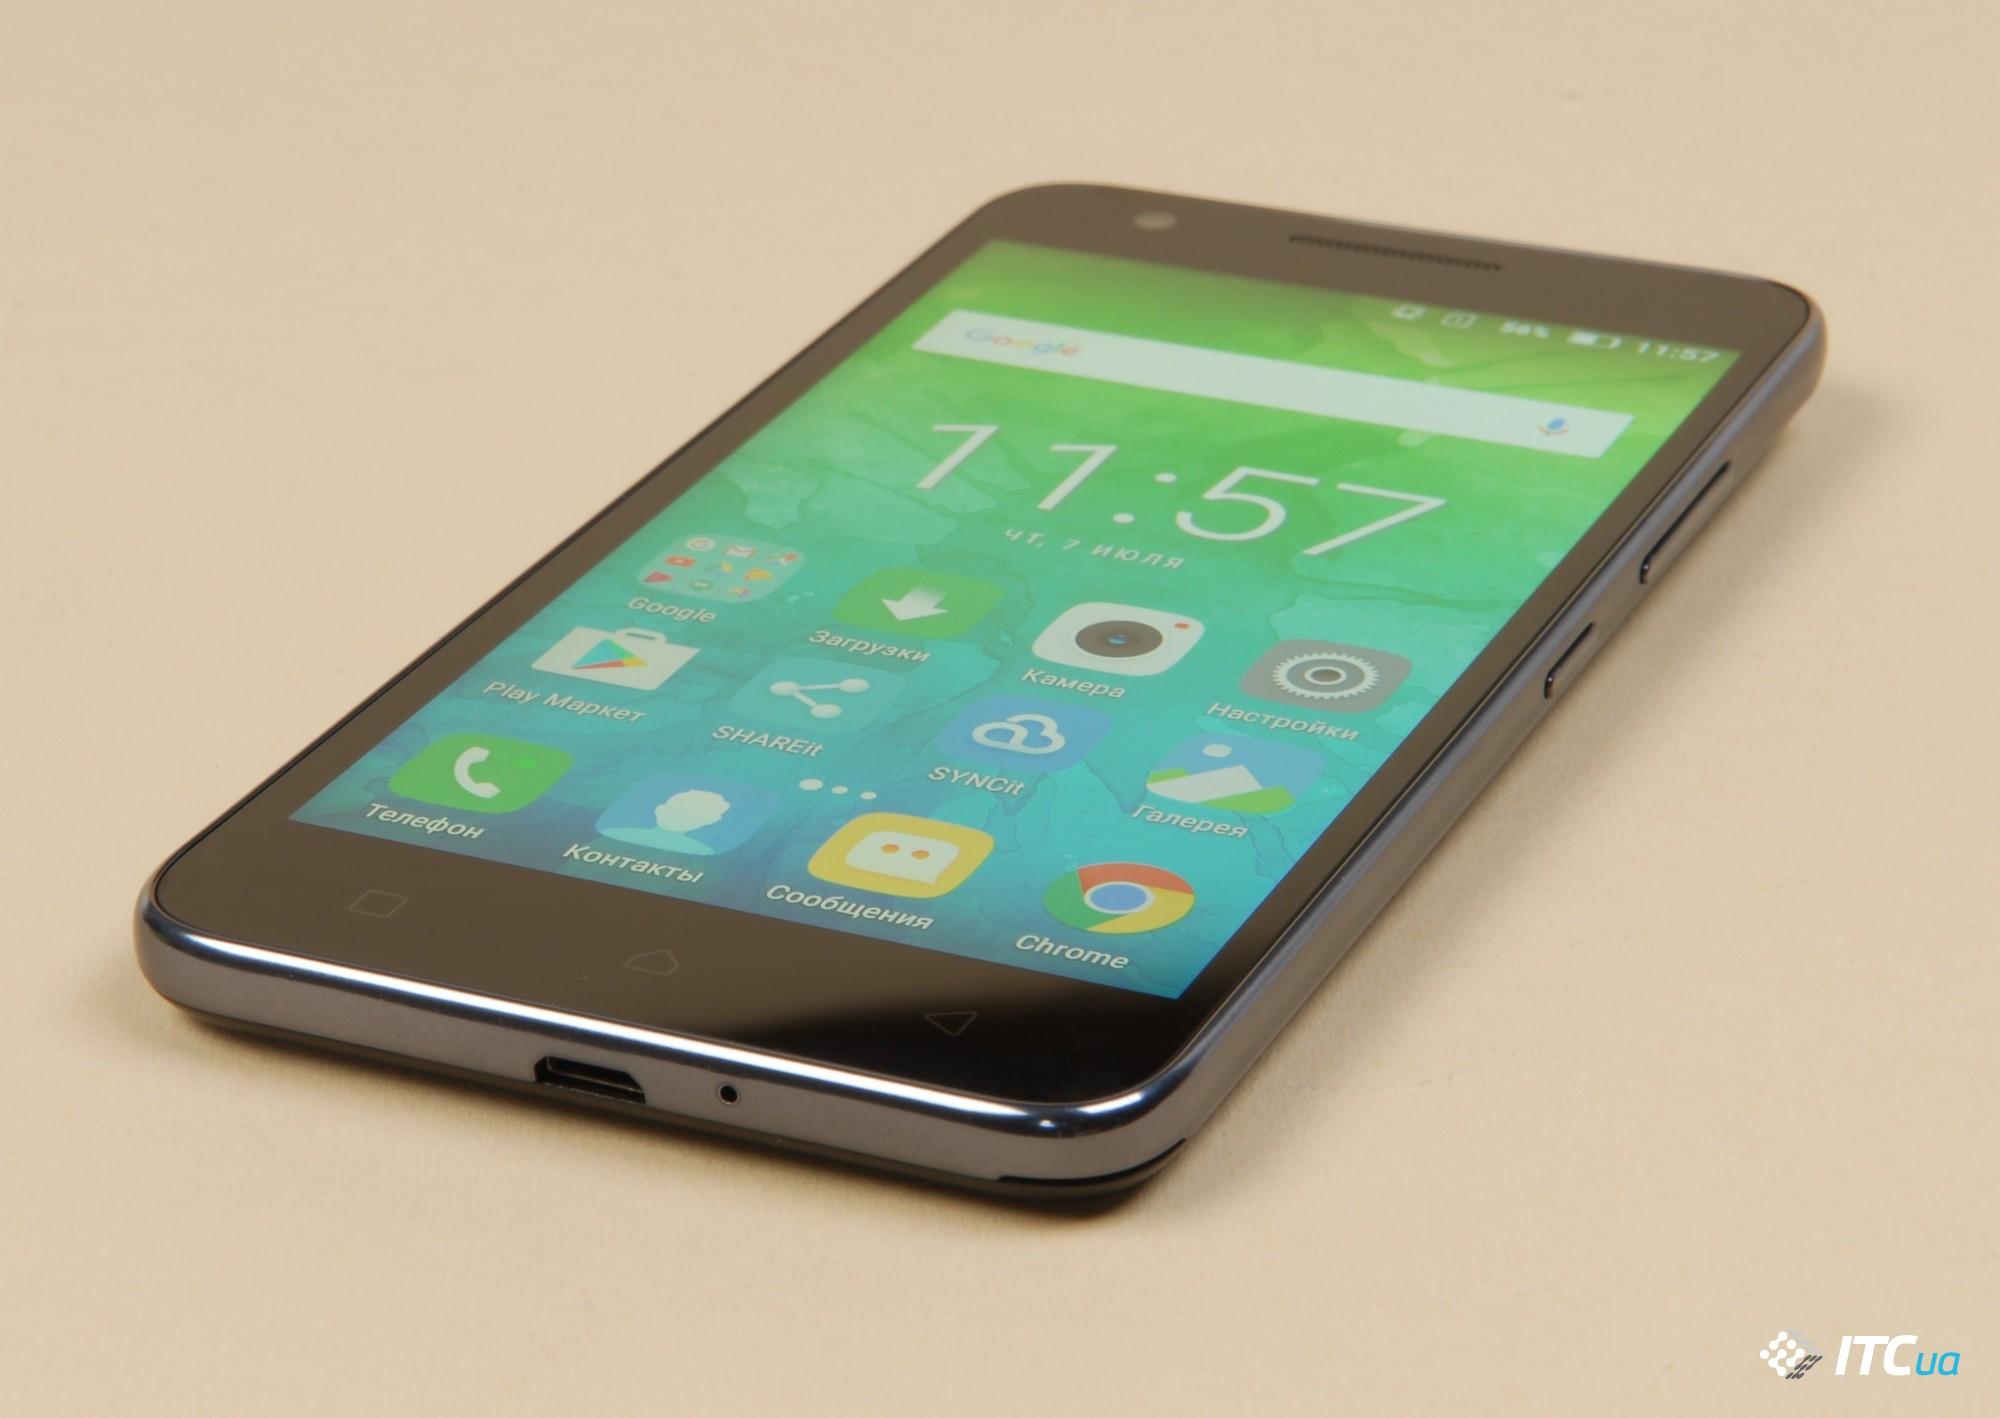 4478da62585c58 Обзор недорогого смартфона Lenovo C2 (K10a40) - ITC.ua